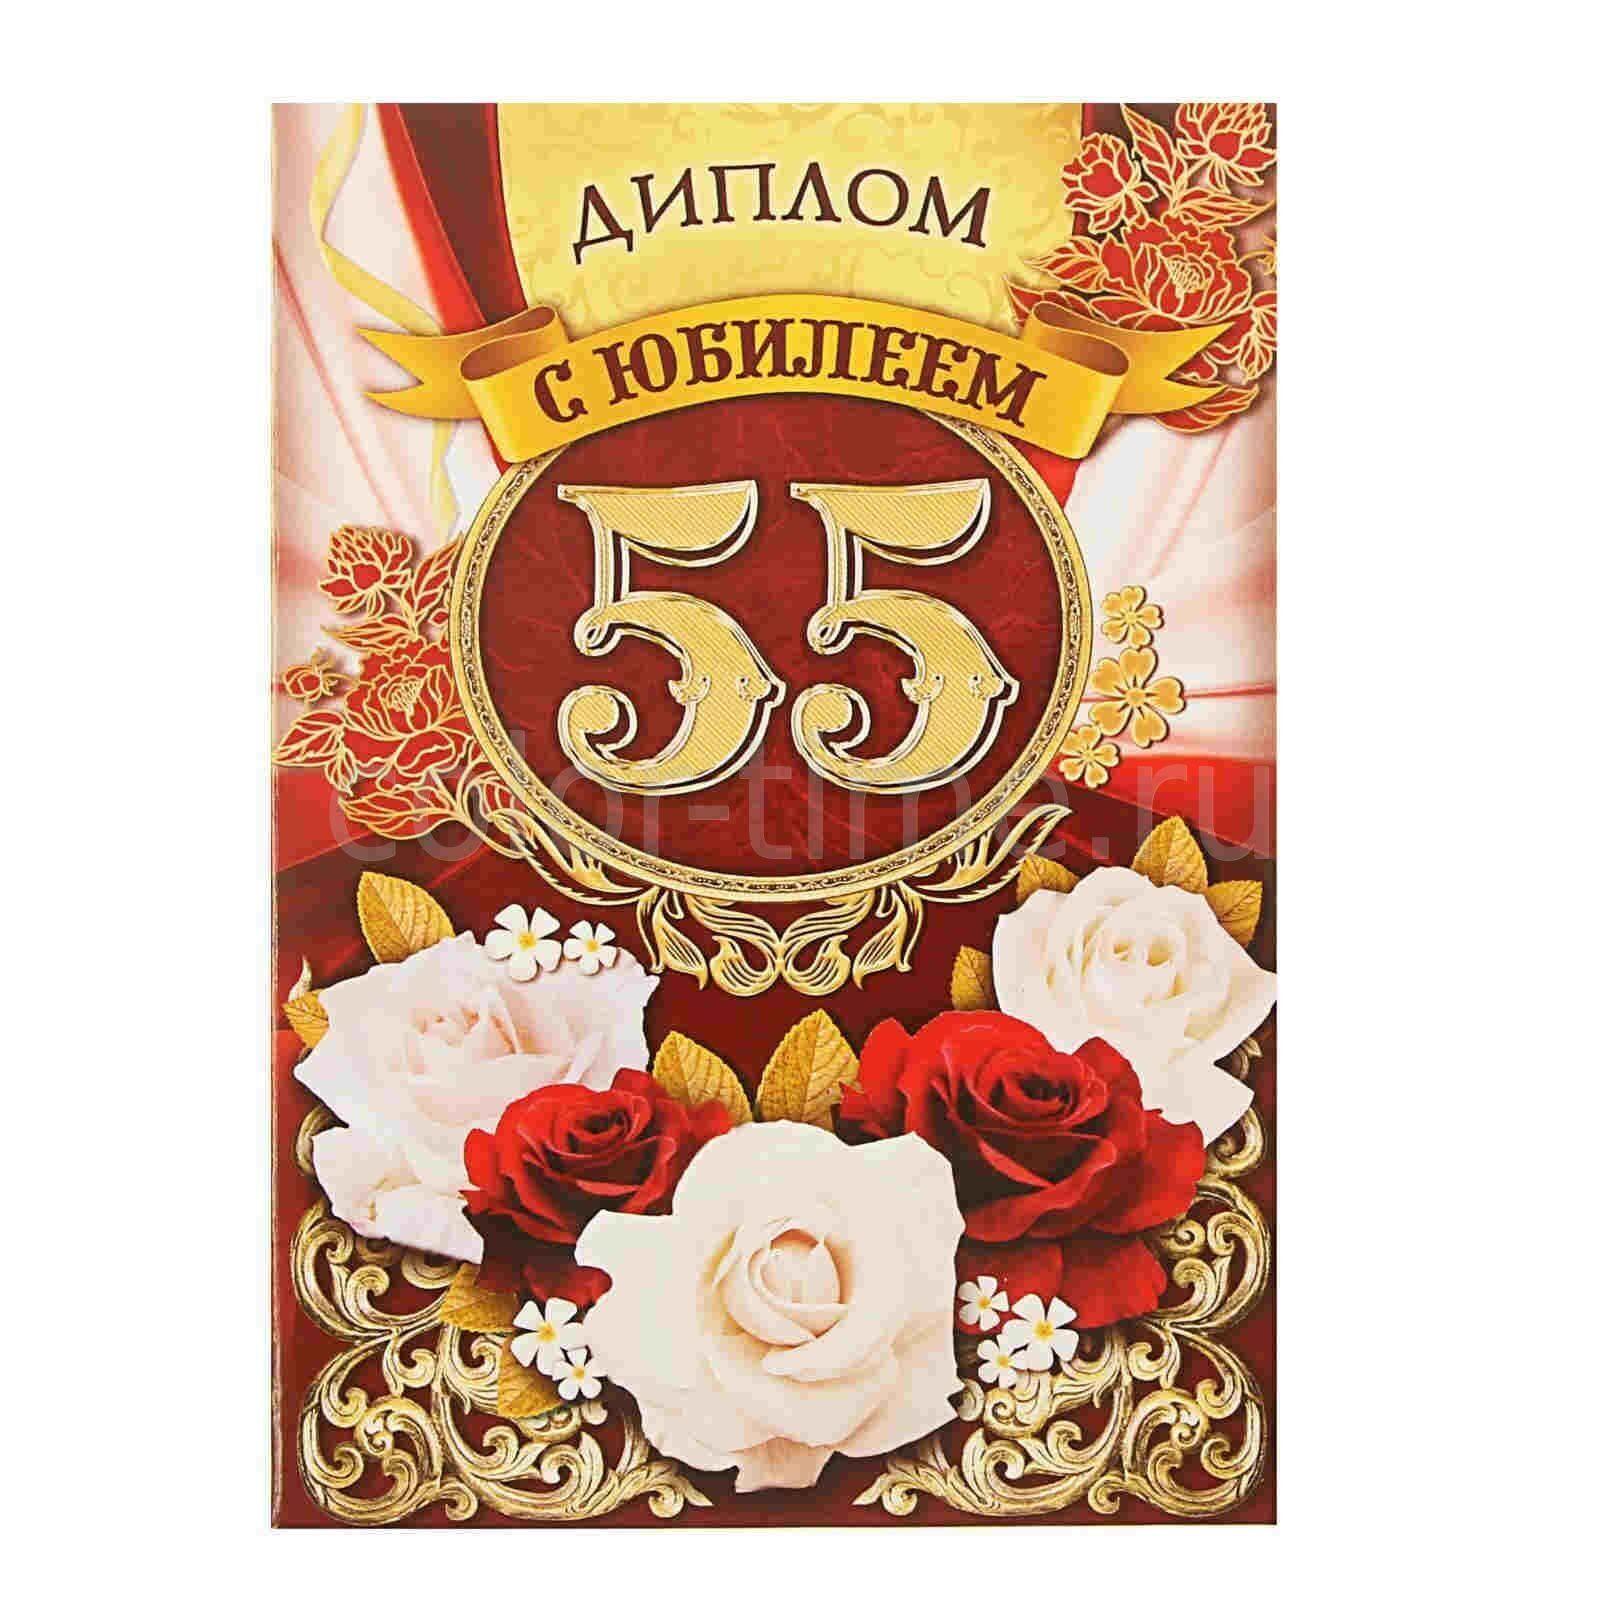 Оригинальное поздравления с юбилеем 55 лет маме от